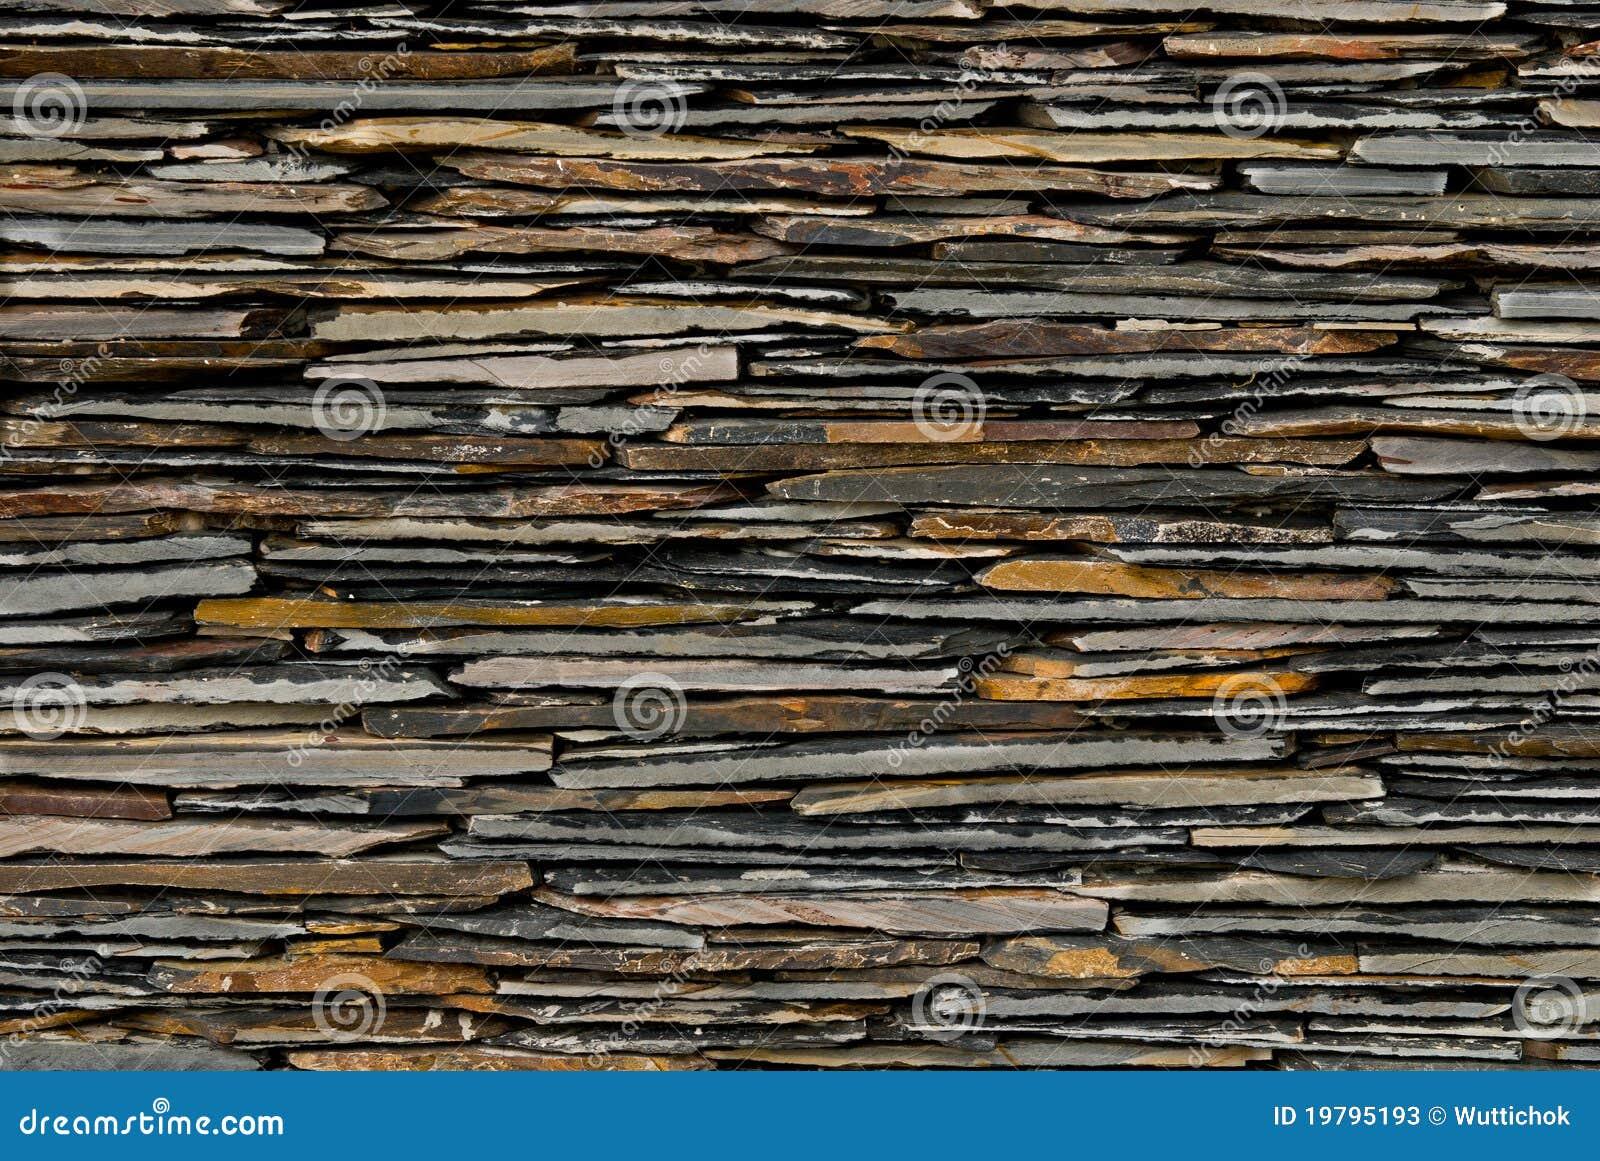 Modelo de la pared de piedra de la pizarra fotos de - Pared de piedra ...